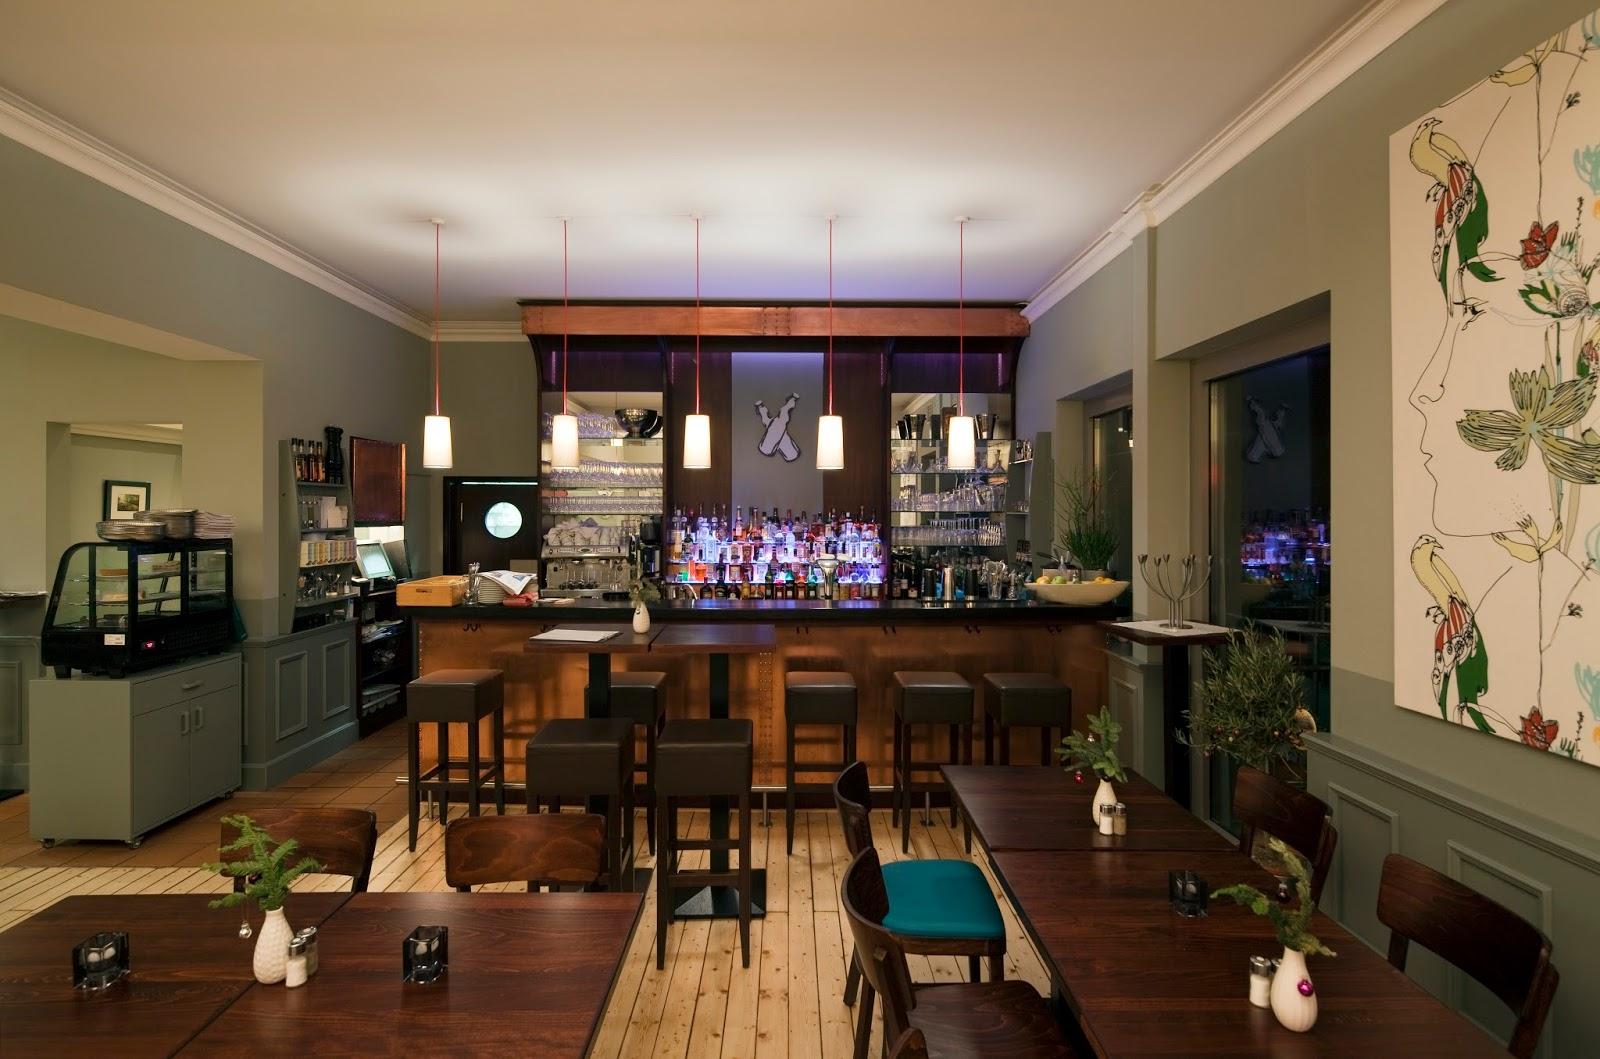 cafe wohnzimmer | jtleigh - hausgestaltung ideen, Wohnzimmer